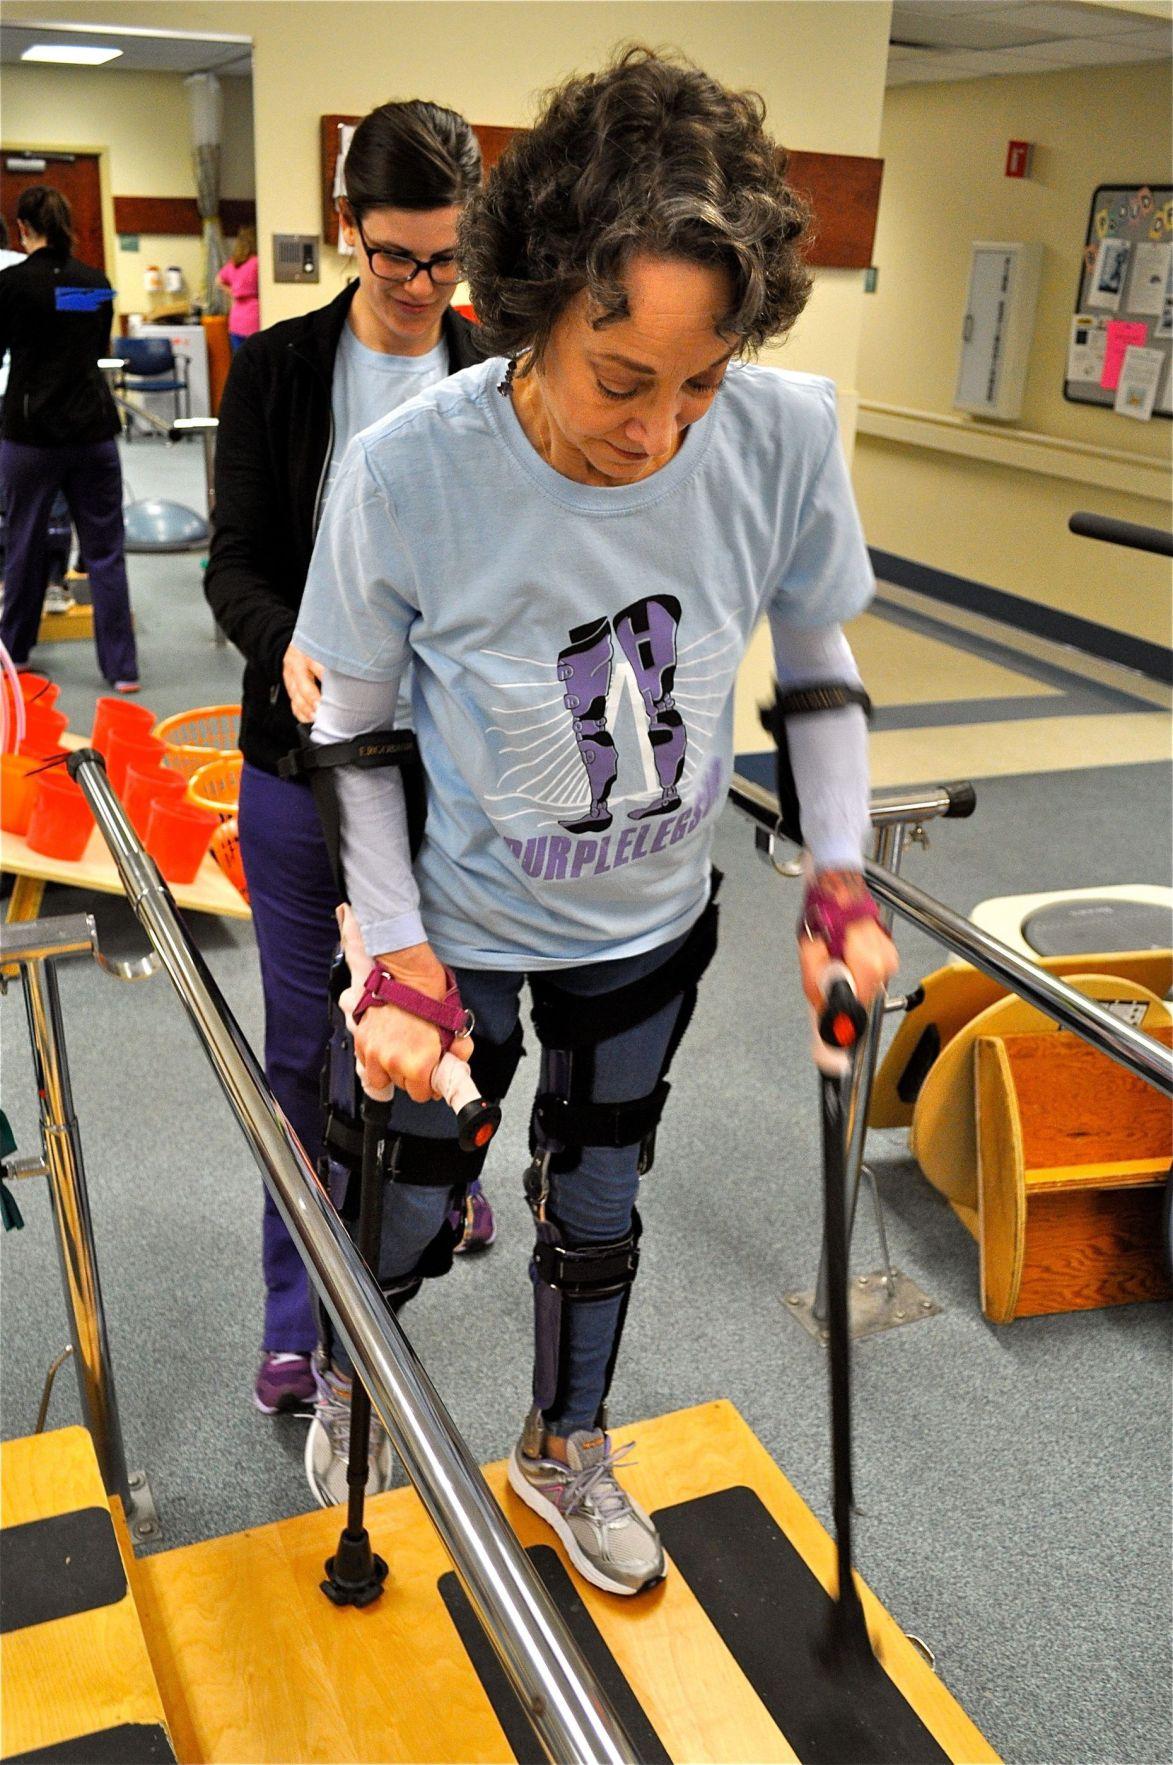 Paralyzed dancer to attempt Bridge Run